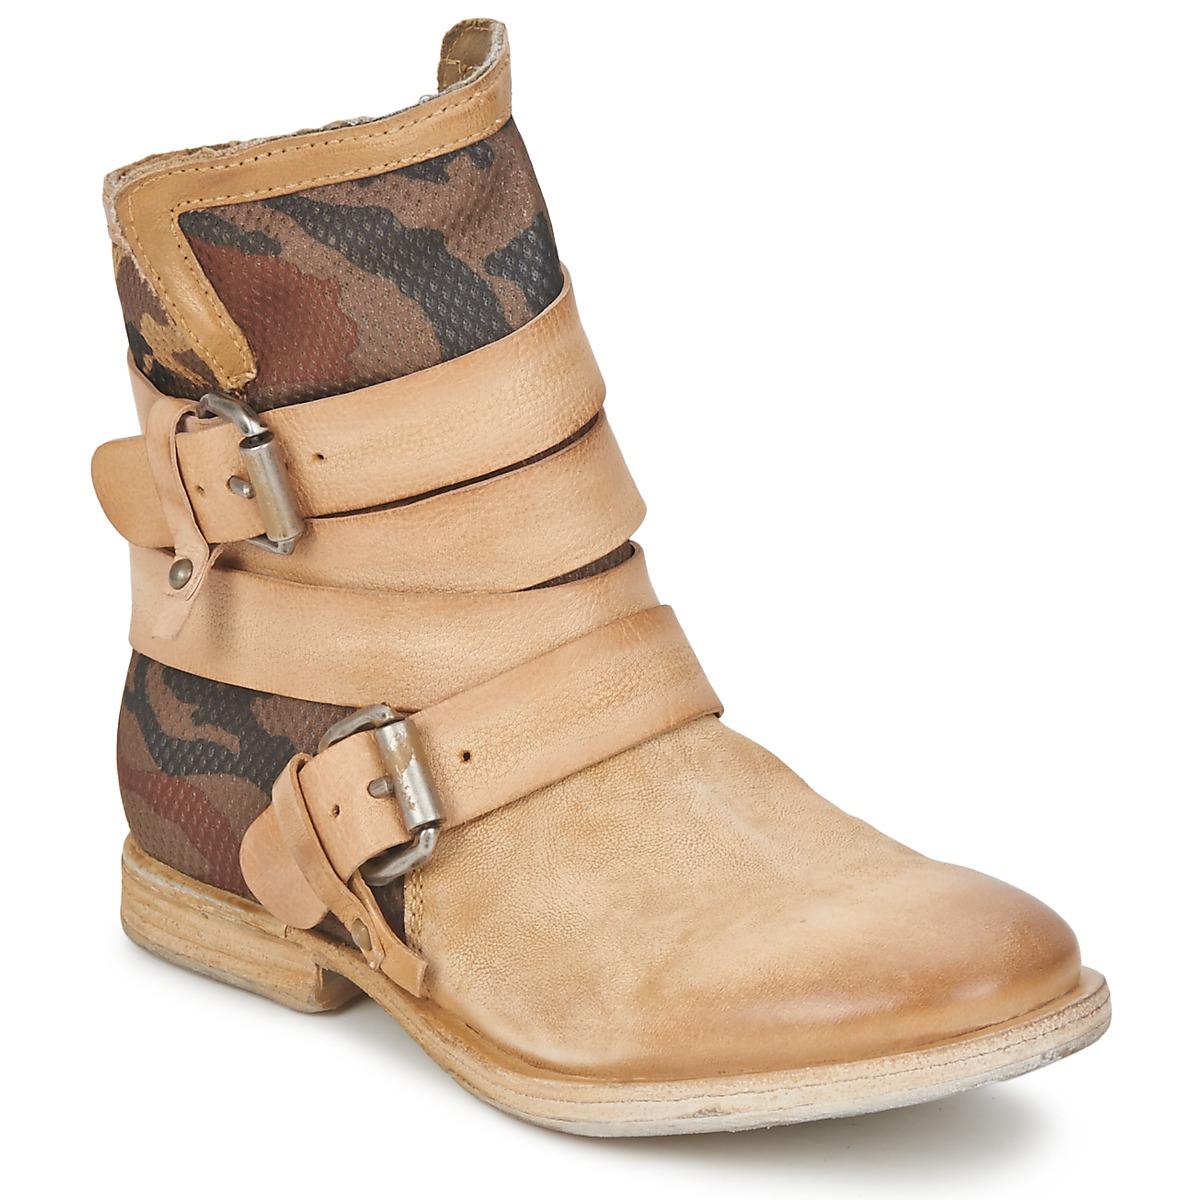 Airstep / AS98 TRIP METAL Beige - Kostenloser Versand bei Spartoode ! - Schuhe Boots Damen 137,40 €